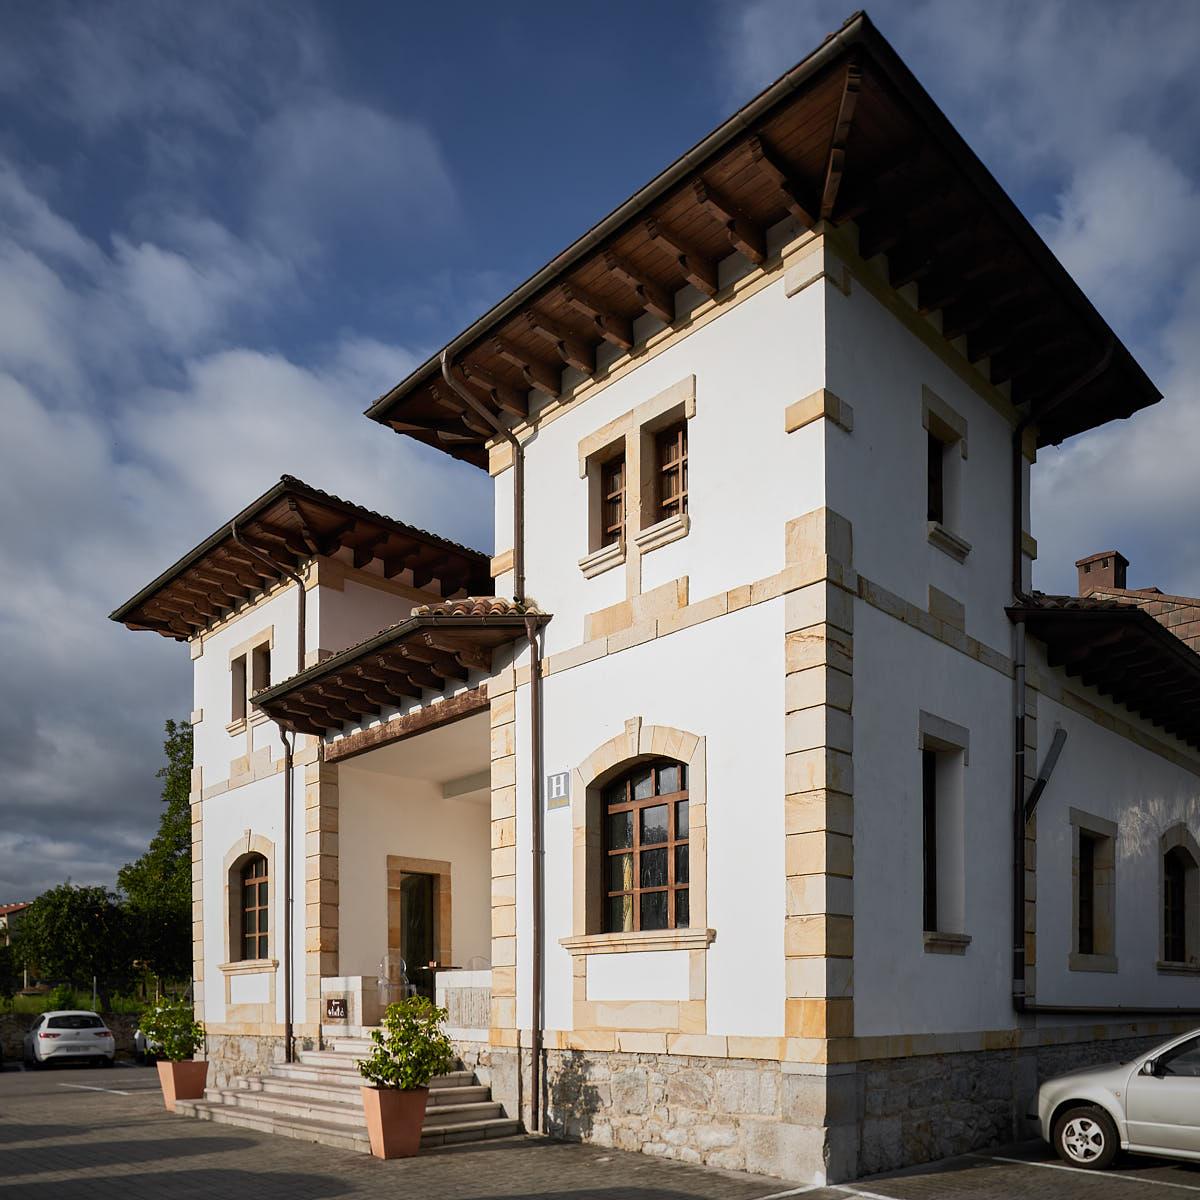 Arquitectura exterior hoteles Asturias